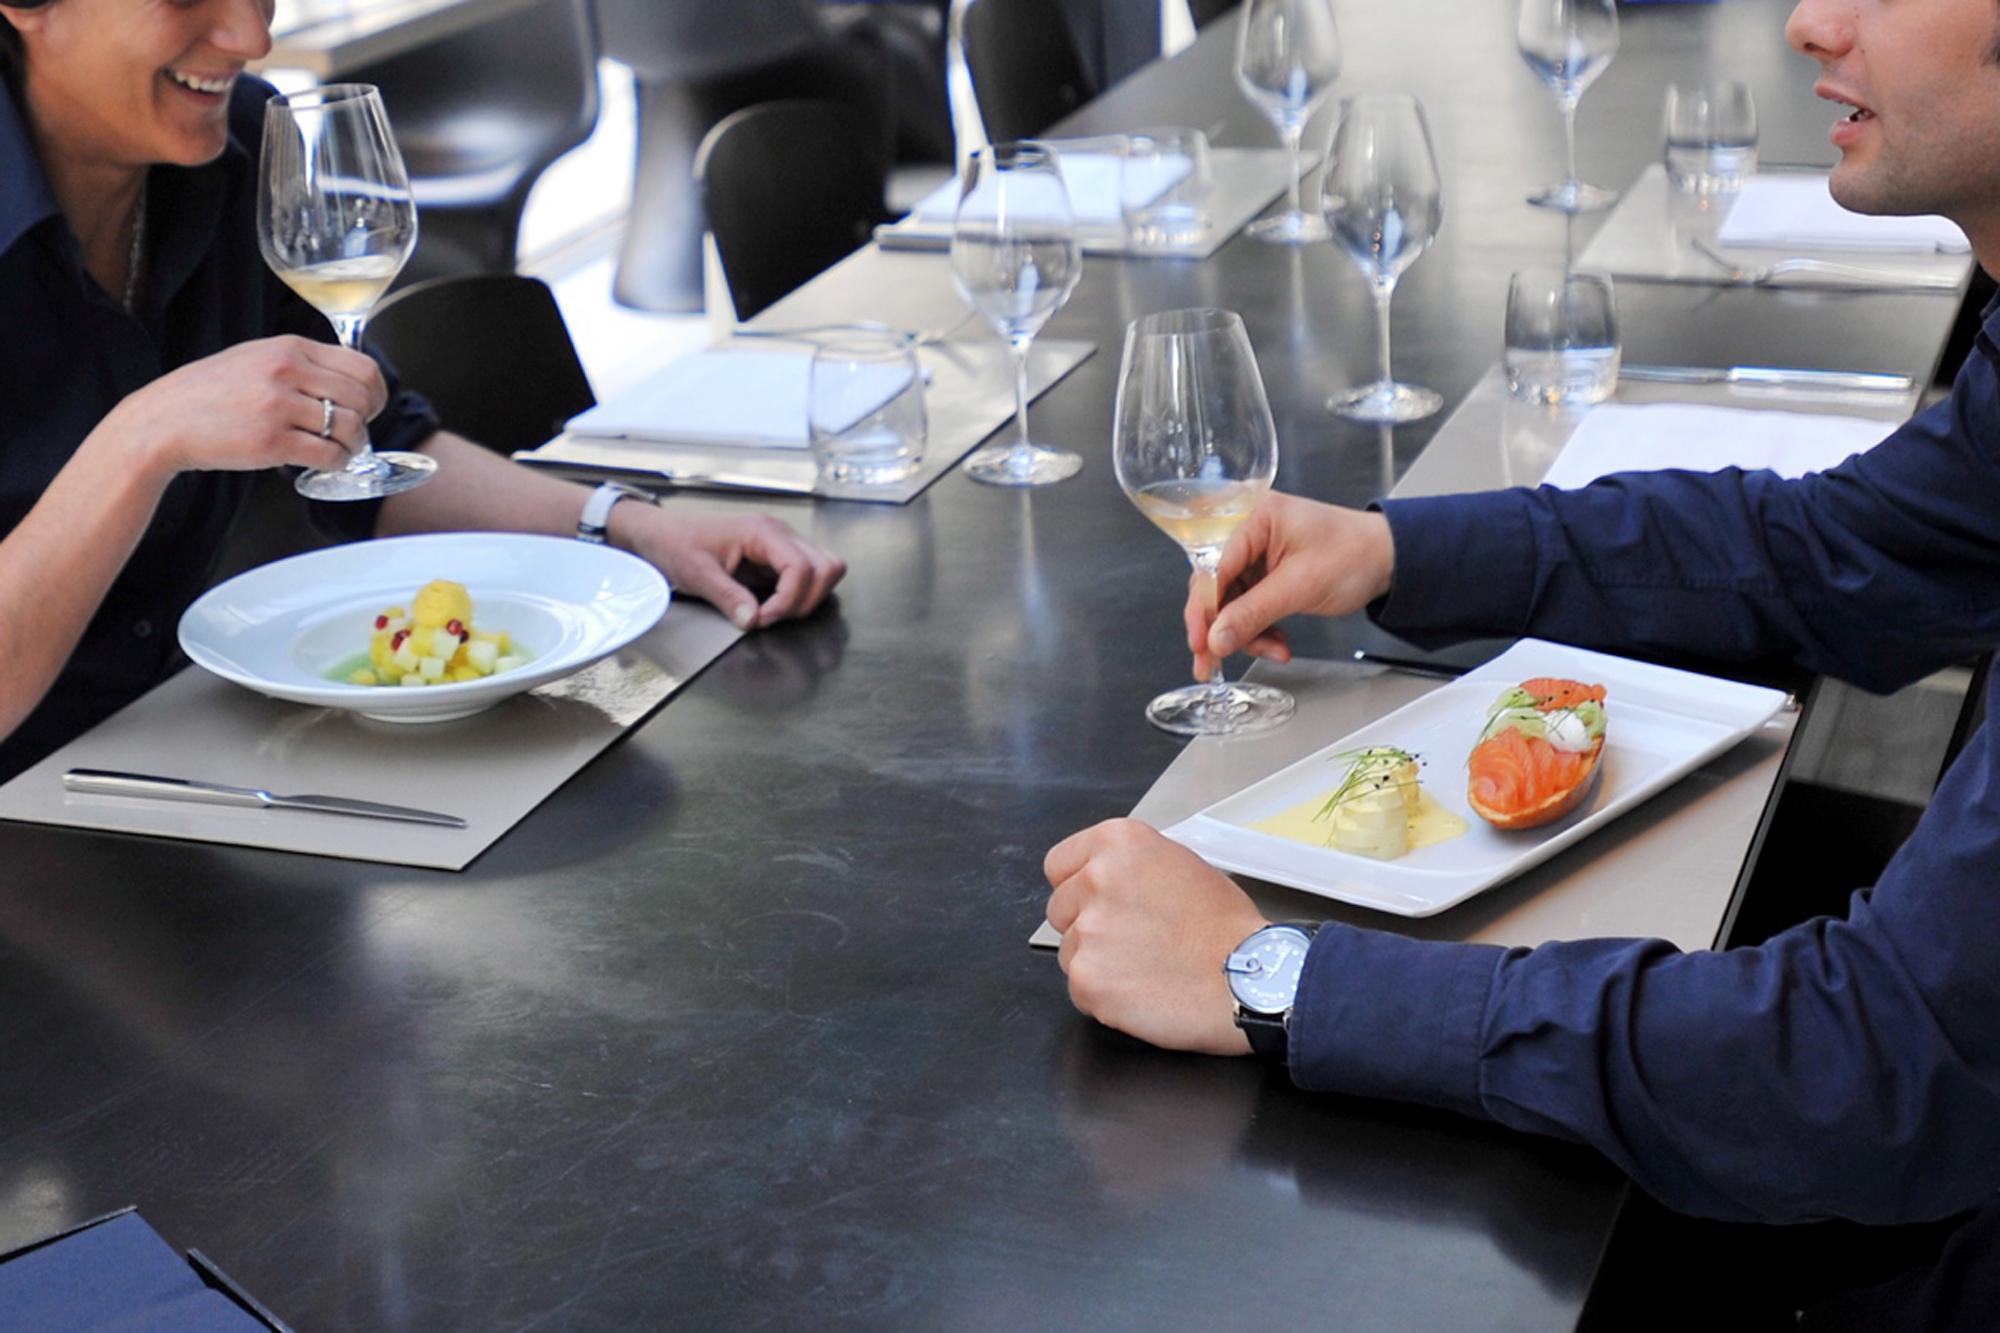 Coperto al ristorante: va pagato?